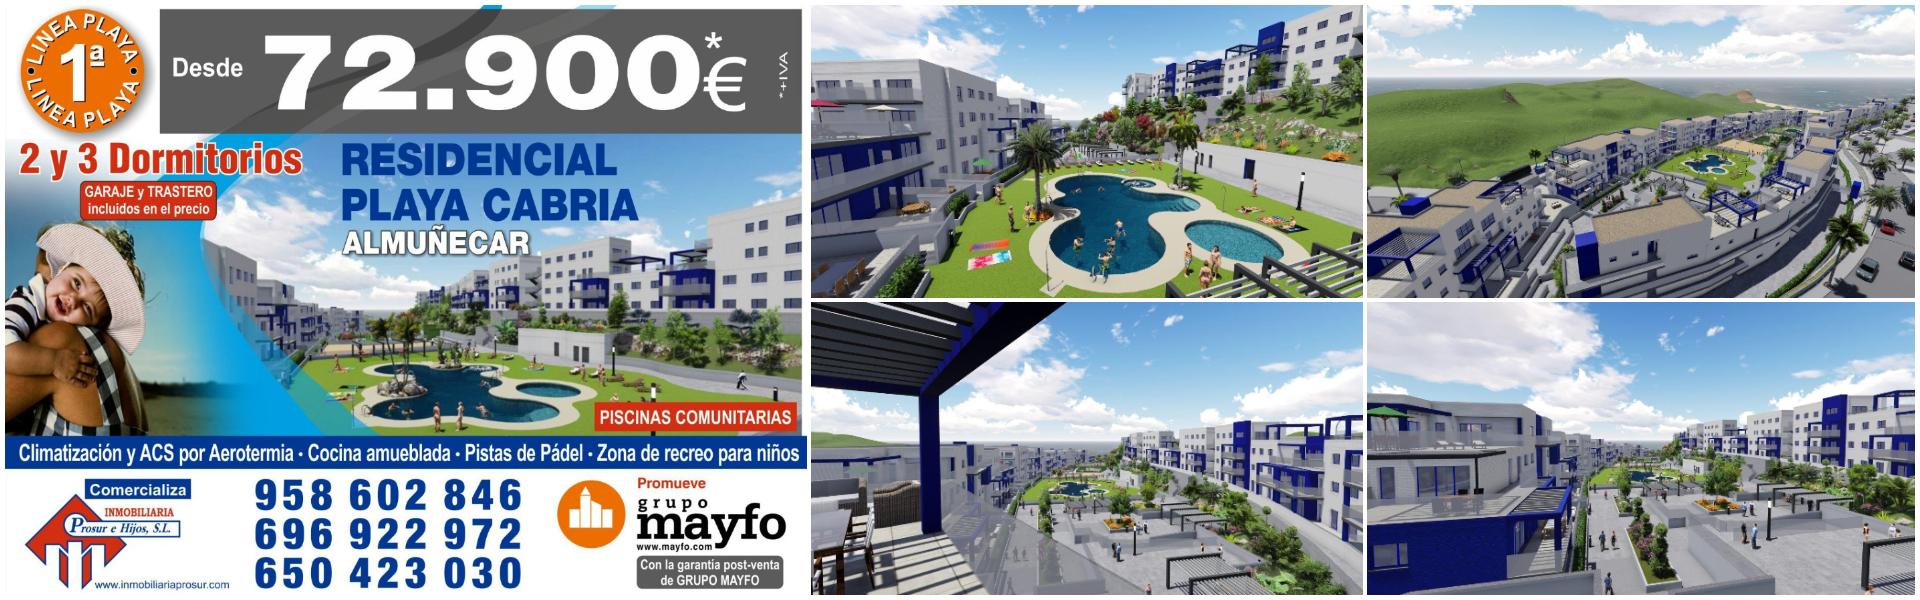 pisos en motril, venta de pisos en motril, compra de pisos en motril, inmobililiarias motril,